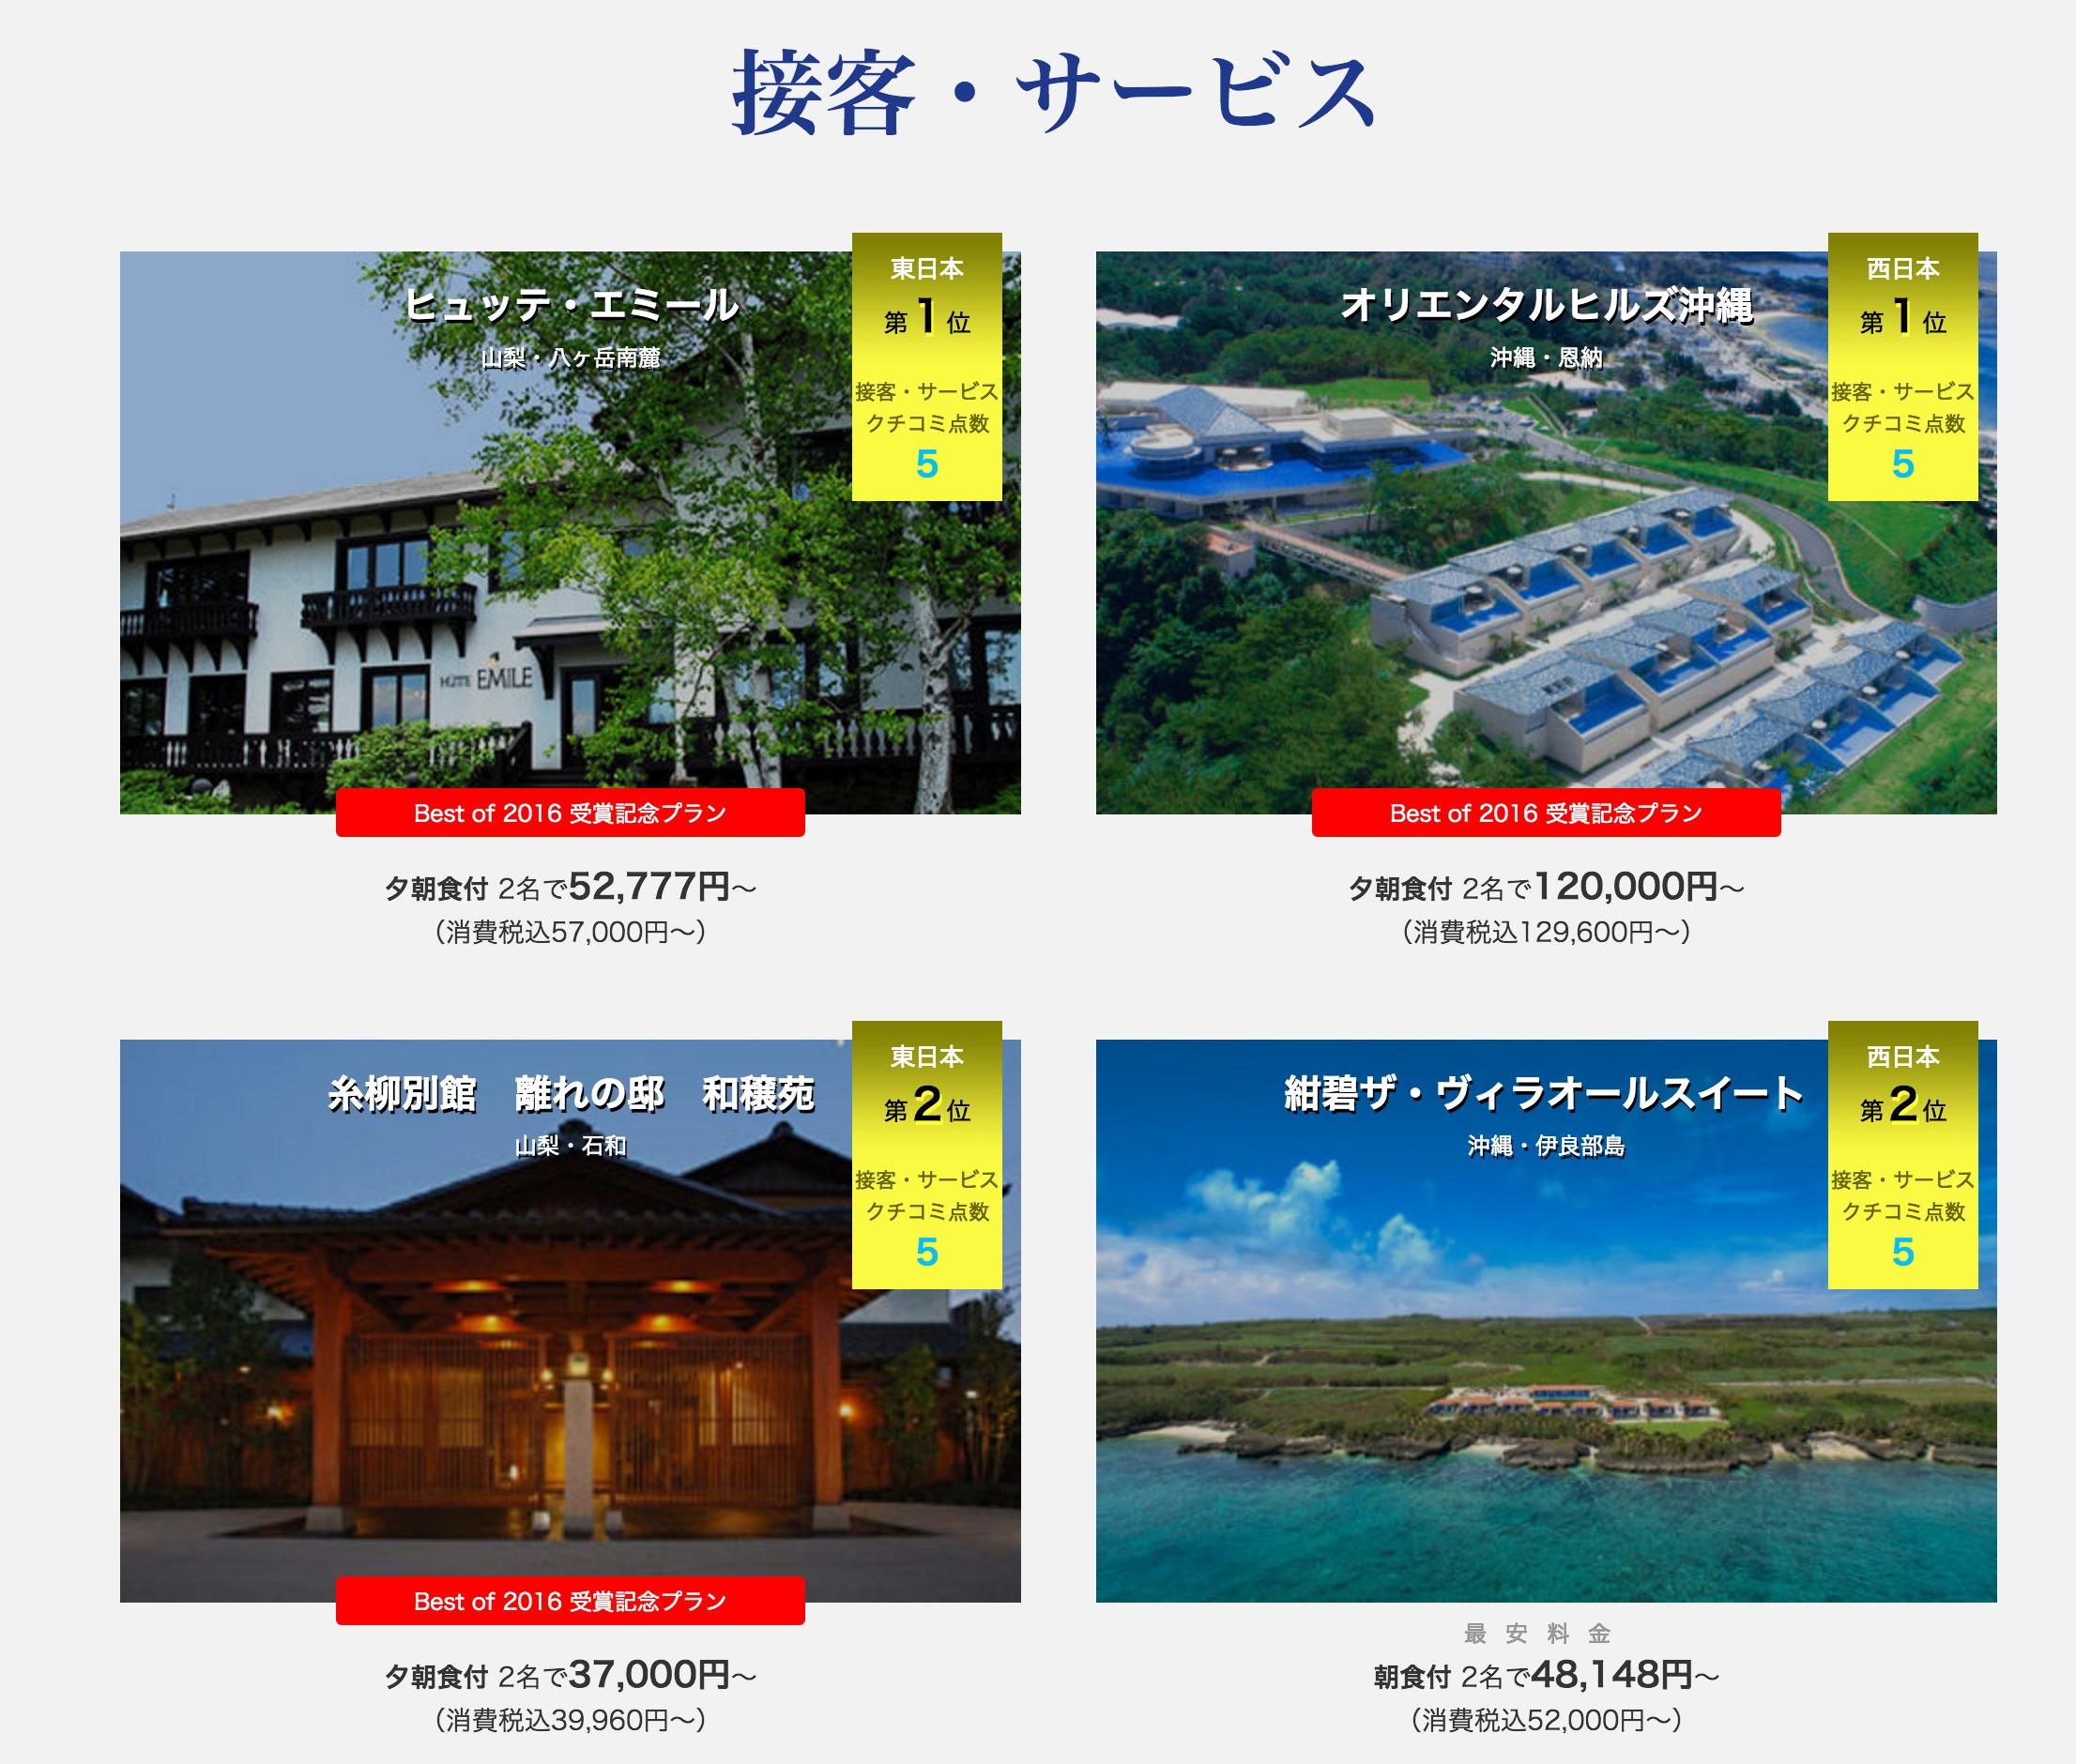 宿泊予約サイト「一休.COM」におきまして「旅館・リゾートホテル クチコミランキング2016 接客・サービス部門」の「西日本2位」に選ばれました!